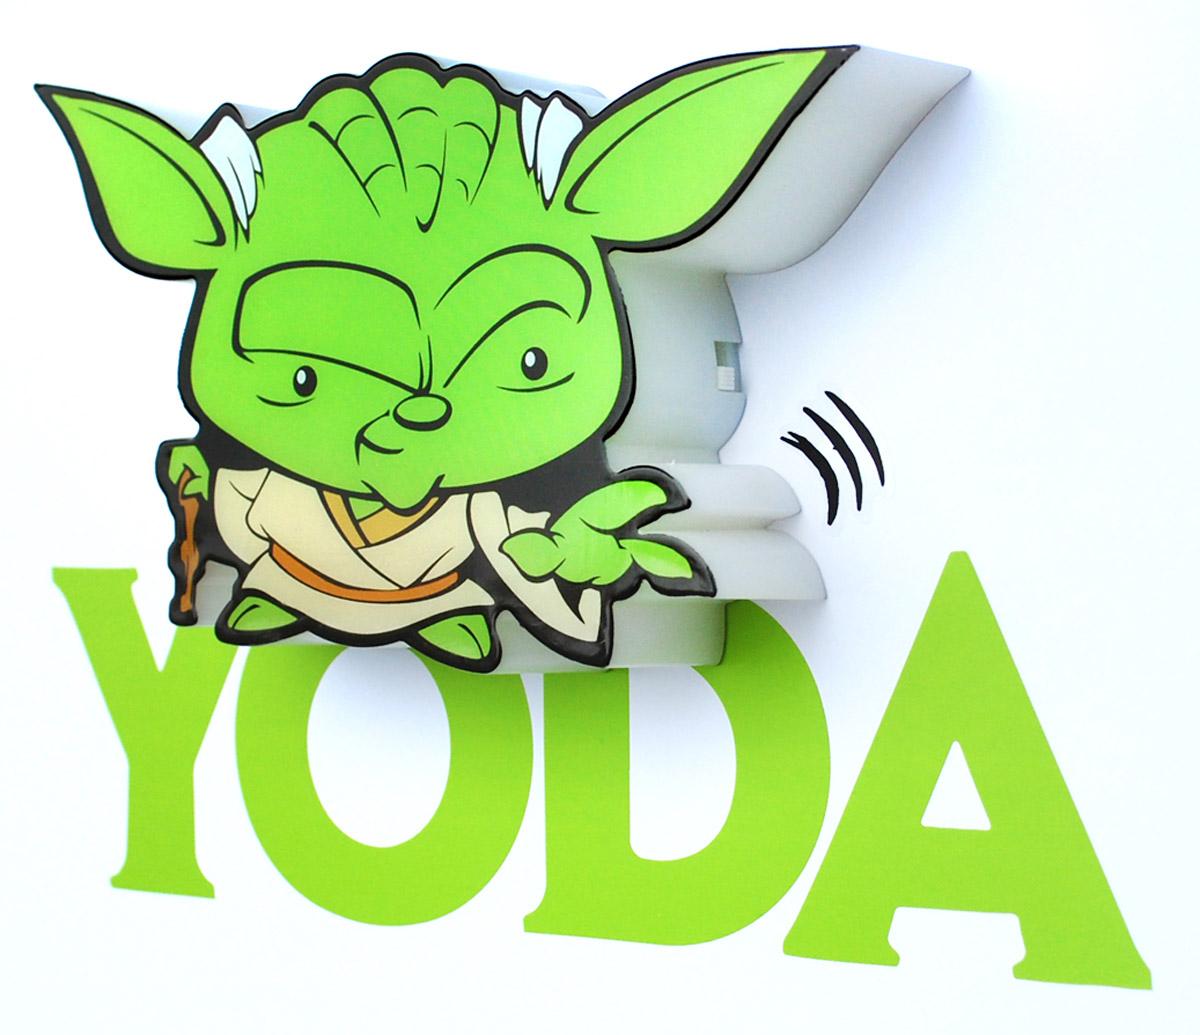 Пробивной 3D мини-светильник Star Wars Йода обязательно понравится вашему ребенку.Особенности:   Безопасный: без проводов, работает от батареек (2хААА, не входят в комплект);Не нагревается: всегда можно дотронуться до изделия;Реалистичный: 3D наклейка в комплекте;Фантастический: выглядит превосходно в любое время суток;Удобный: простая установка (автоматическое выключение через полчаса непрерывной работы).Товар предназначен для детей старше 3 лет. ВНИМАНИЕ! Содержит мелкие детали, использовать под непосредственным наблюдением взрослых.